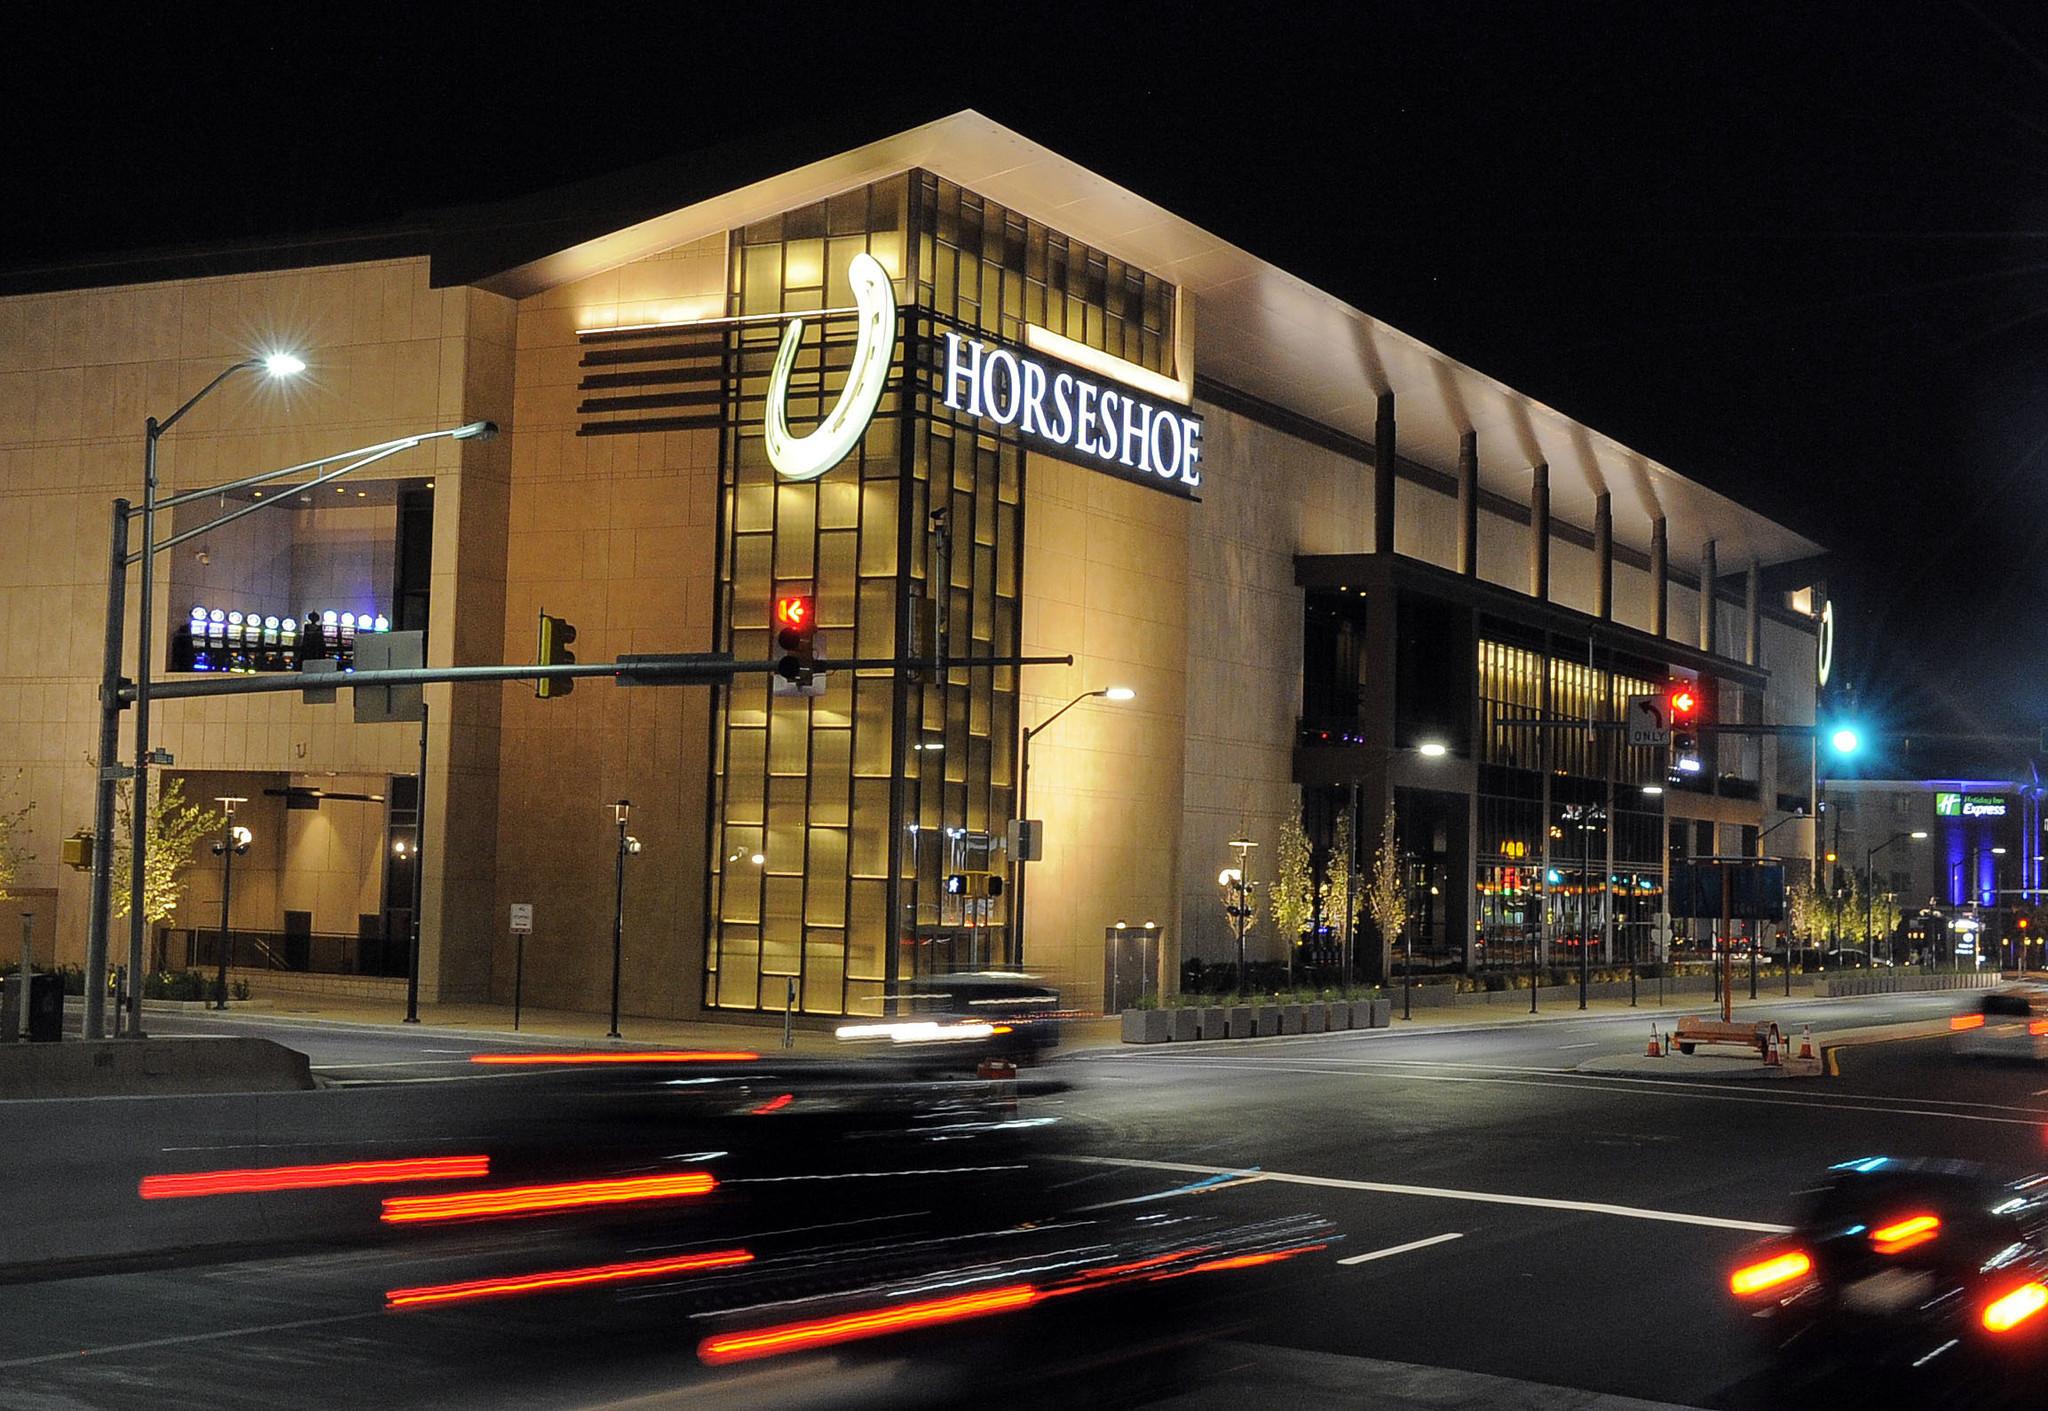 Horseshoe Baltimore casino